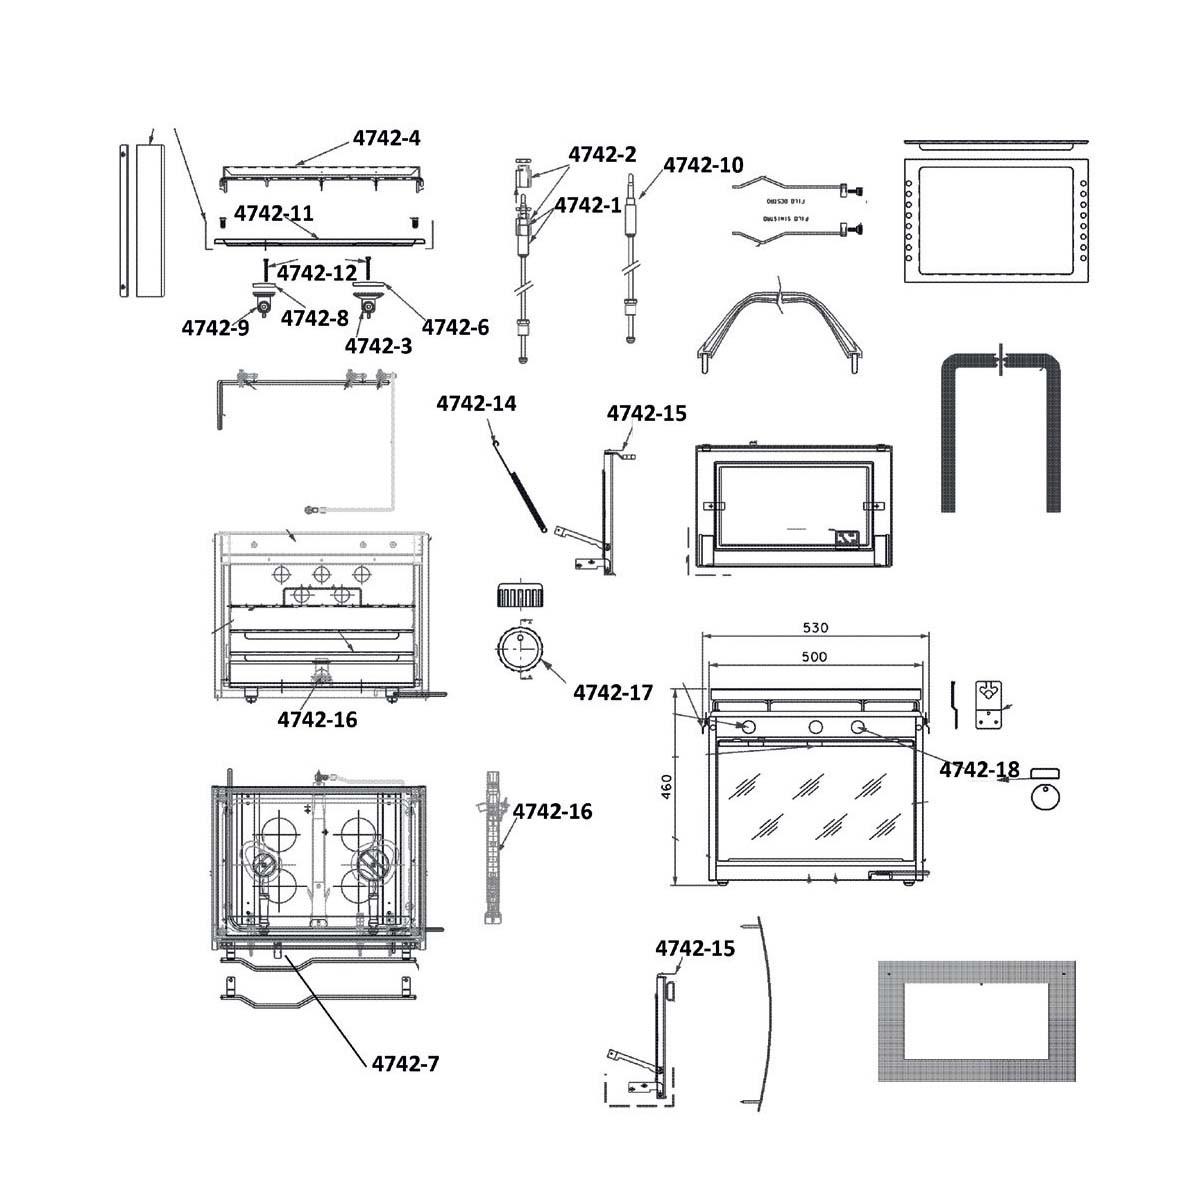 10.04 - Βίδα Μ4x50 Για Τα Κουμπιά Της Εστίας - Ανταλλακτικό Κουζίνας